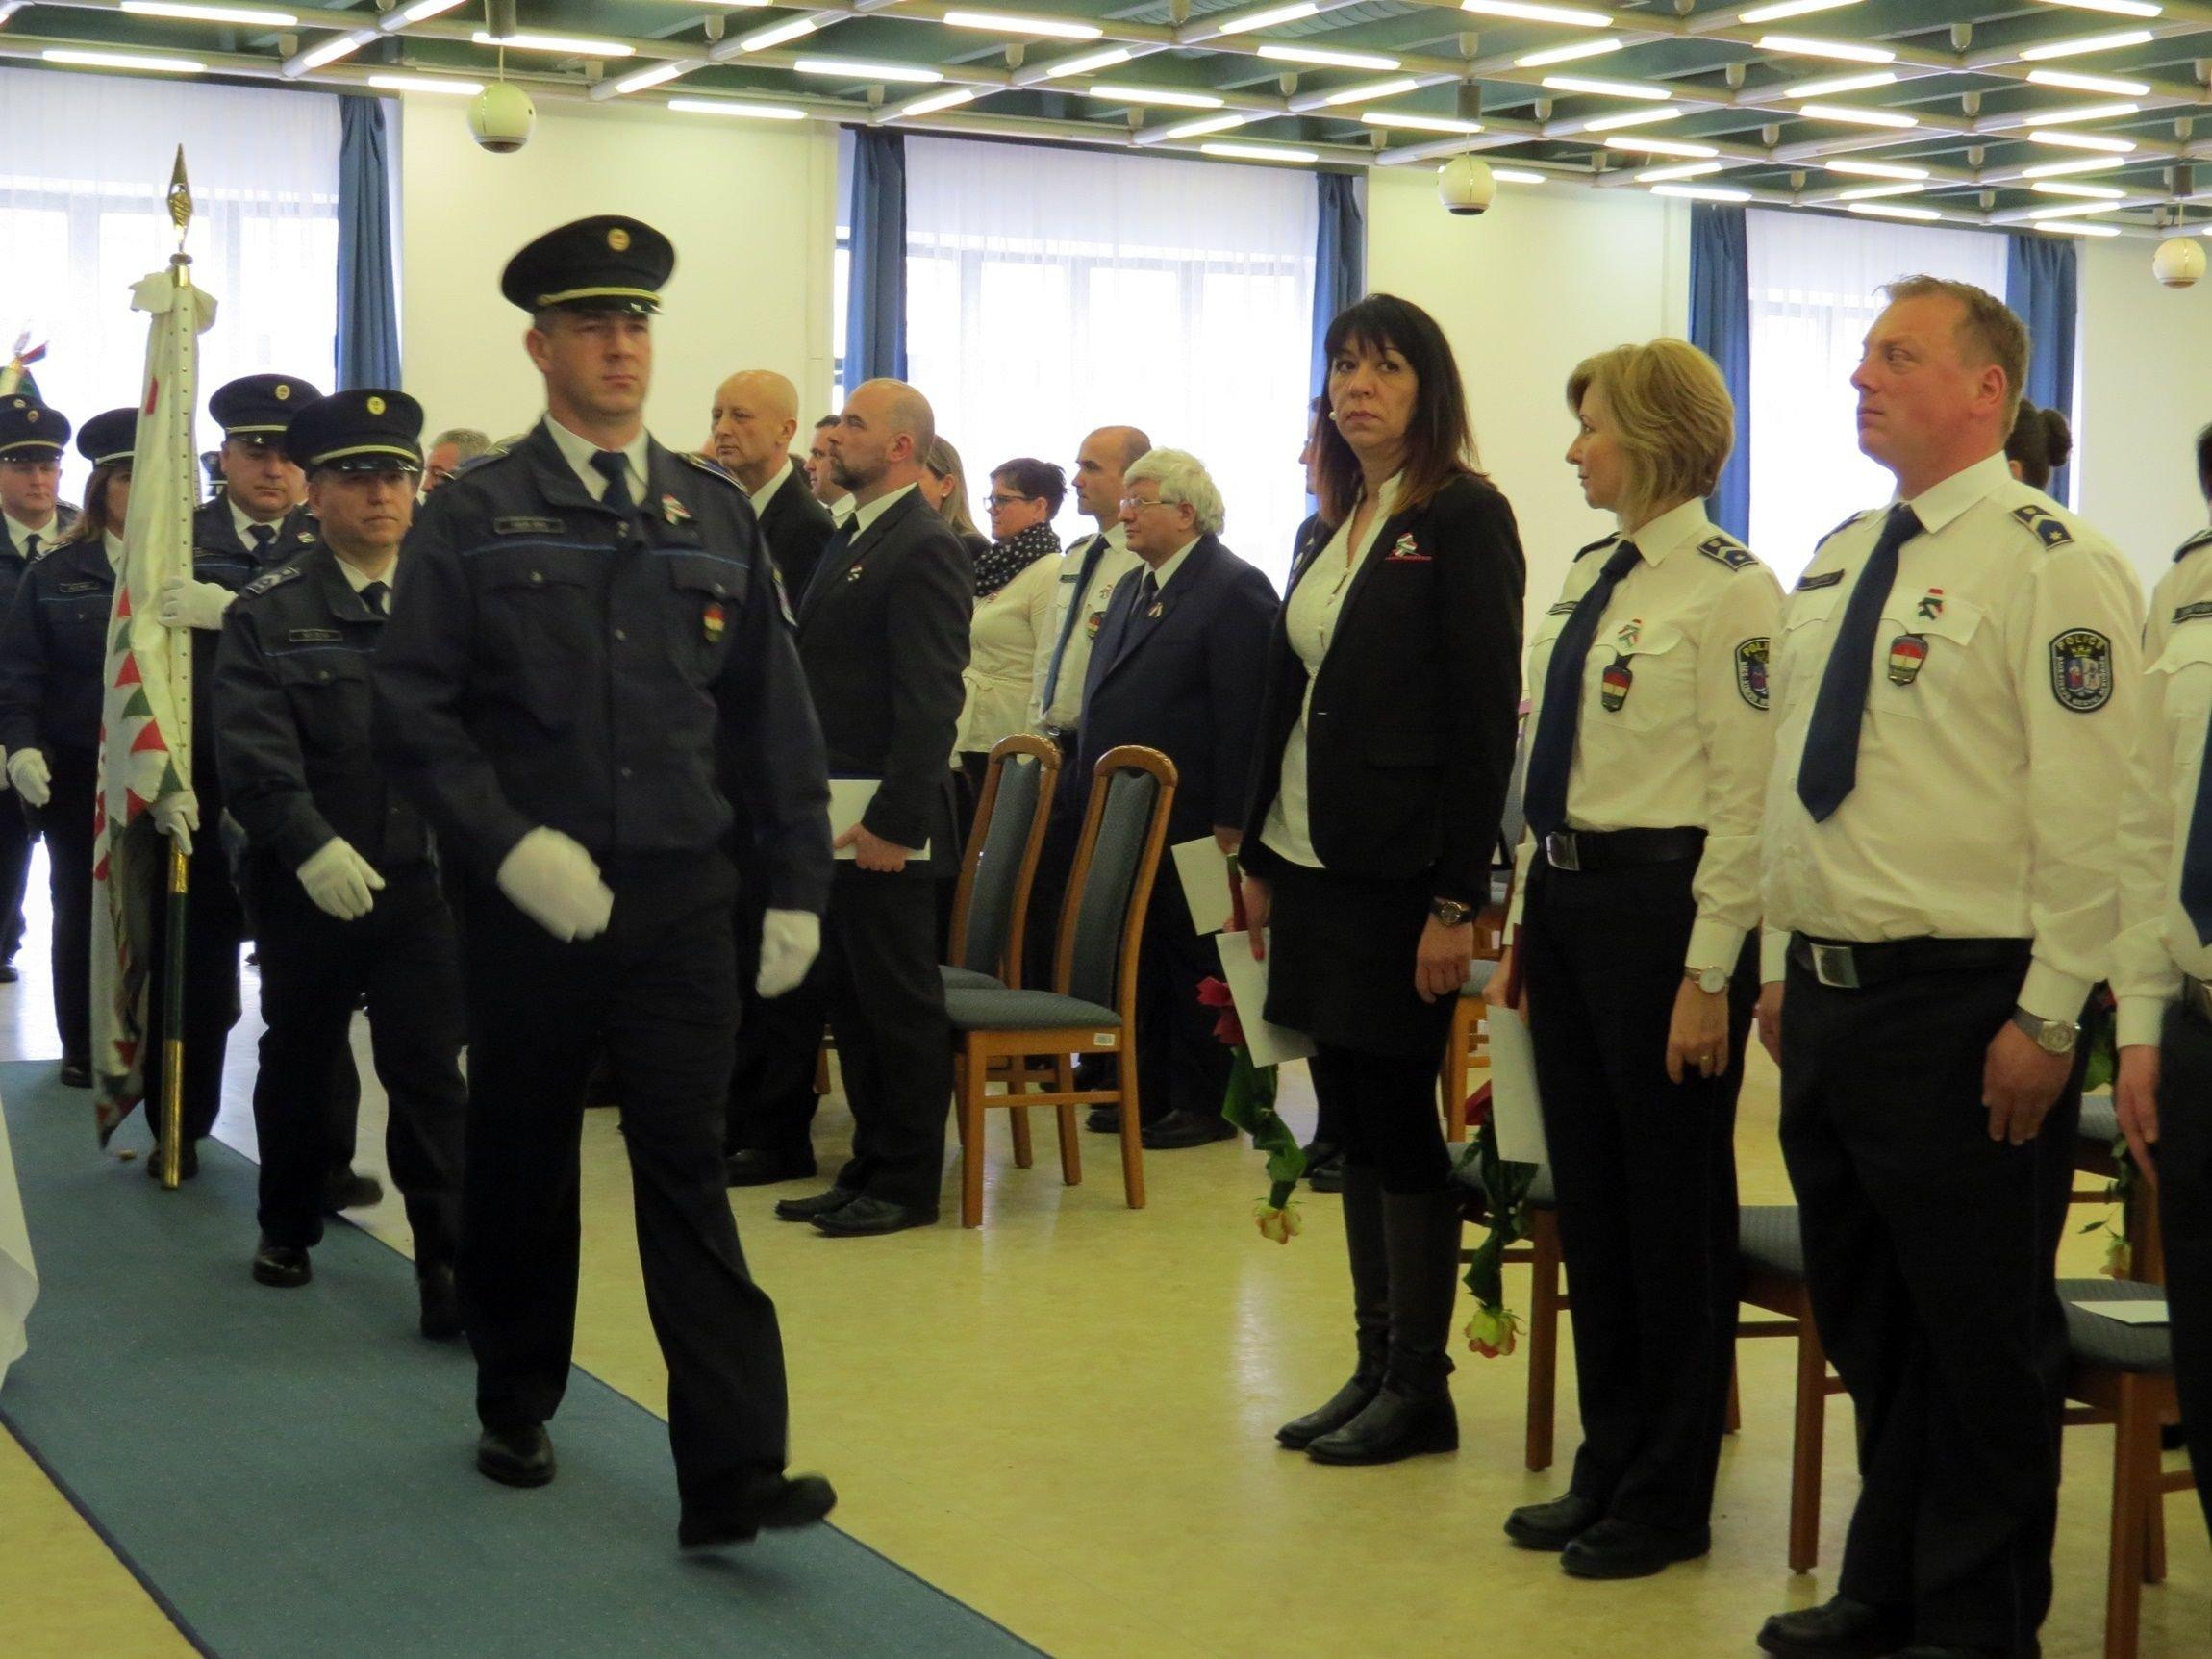 Elismerések március 15-e alkalmából Bács-Kiskun megyében